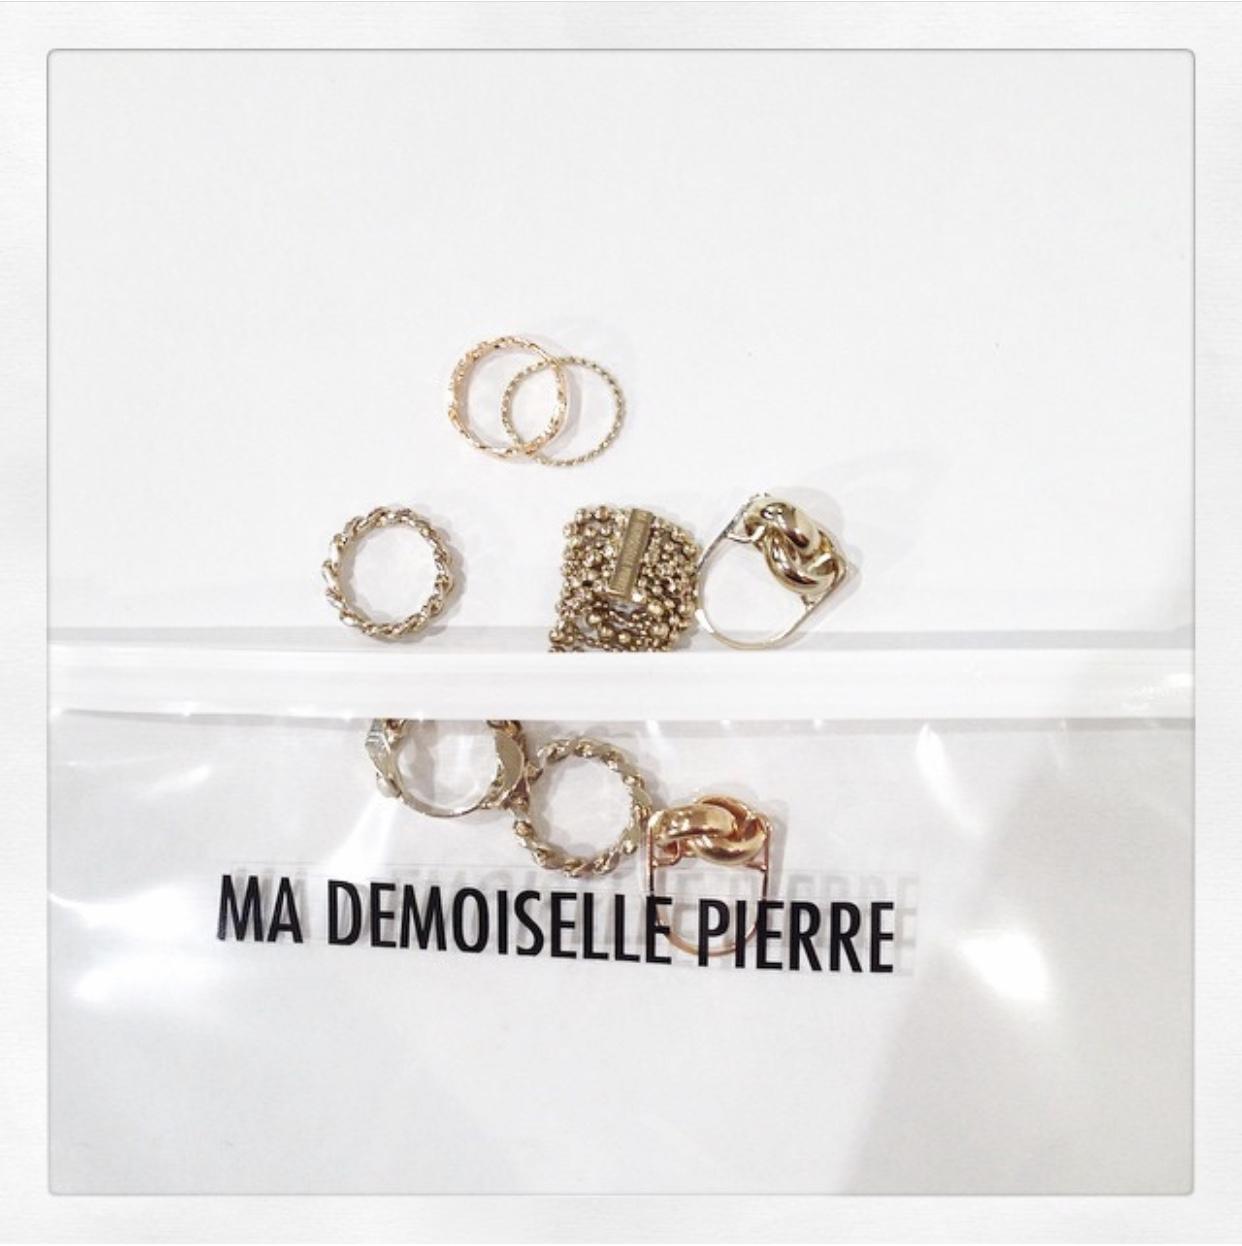 Ma Demoiselle Pierre - les bagues